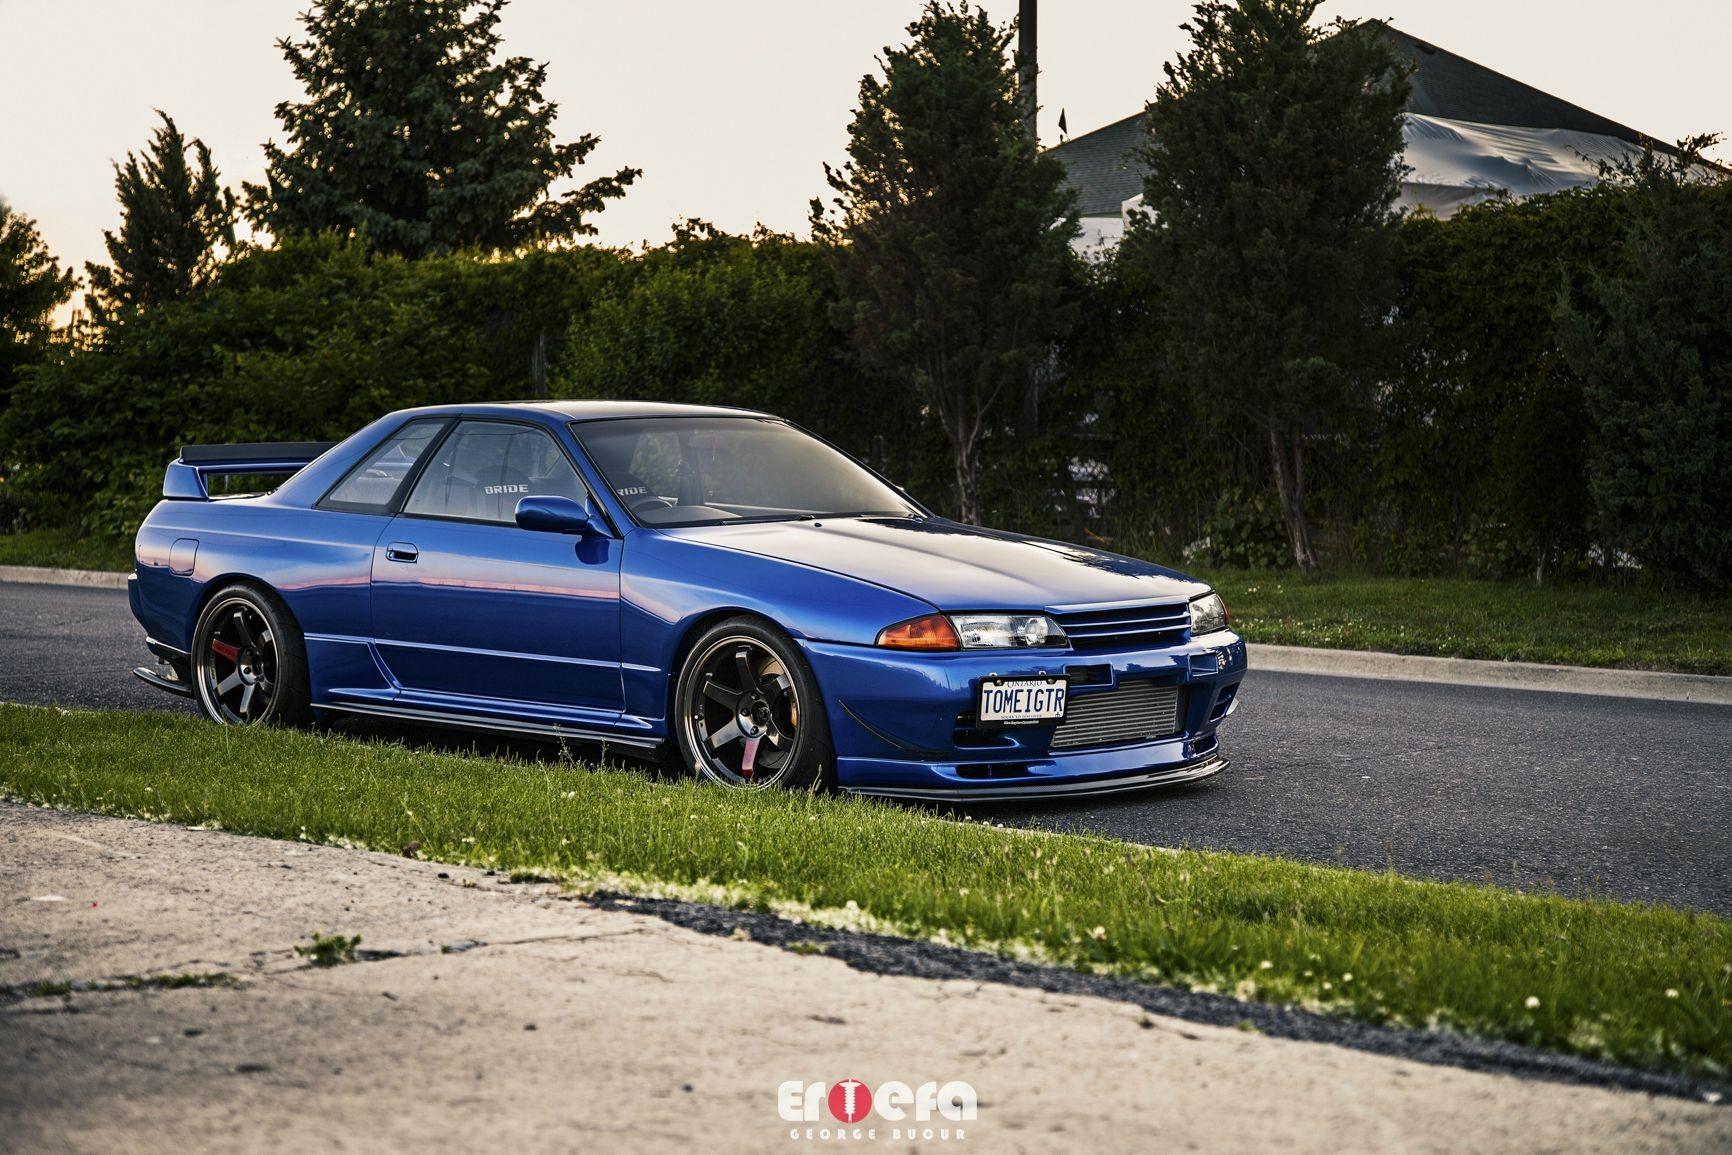 1732x1155 Px Nissan Skyline R32